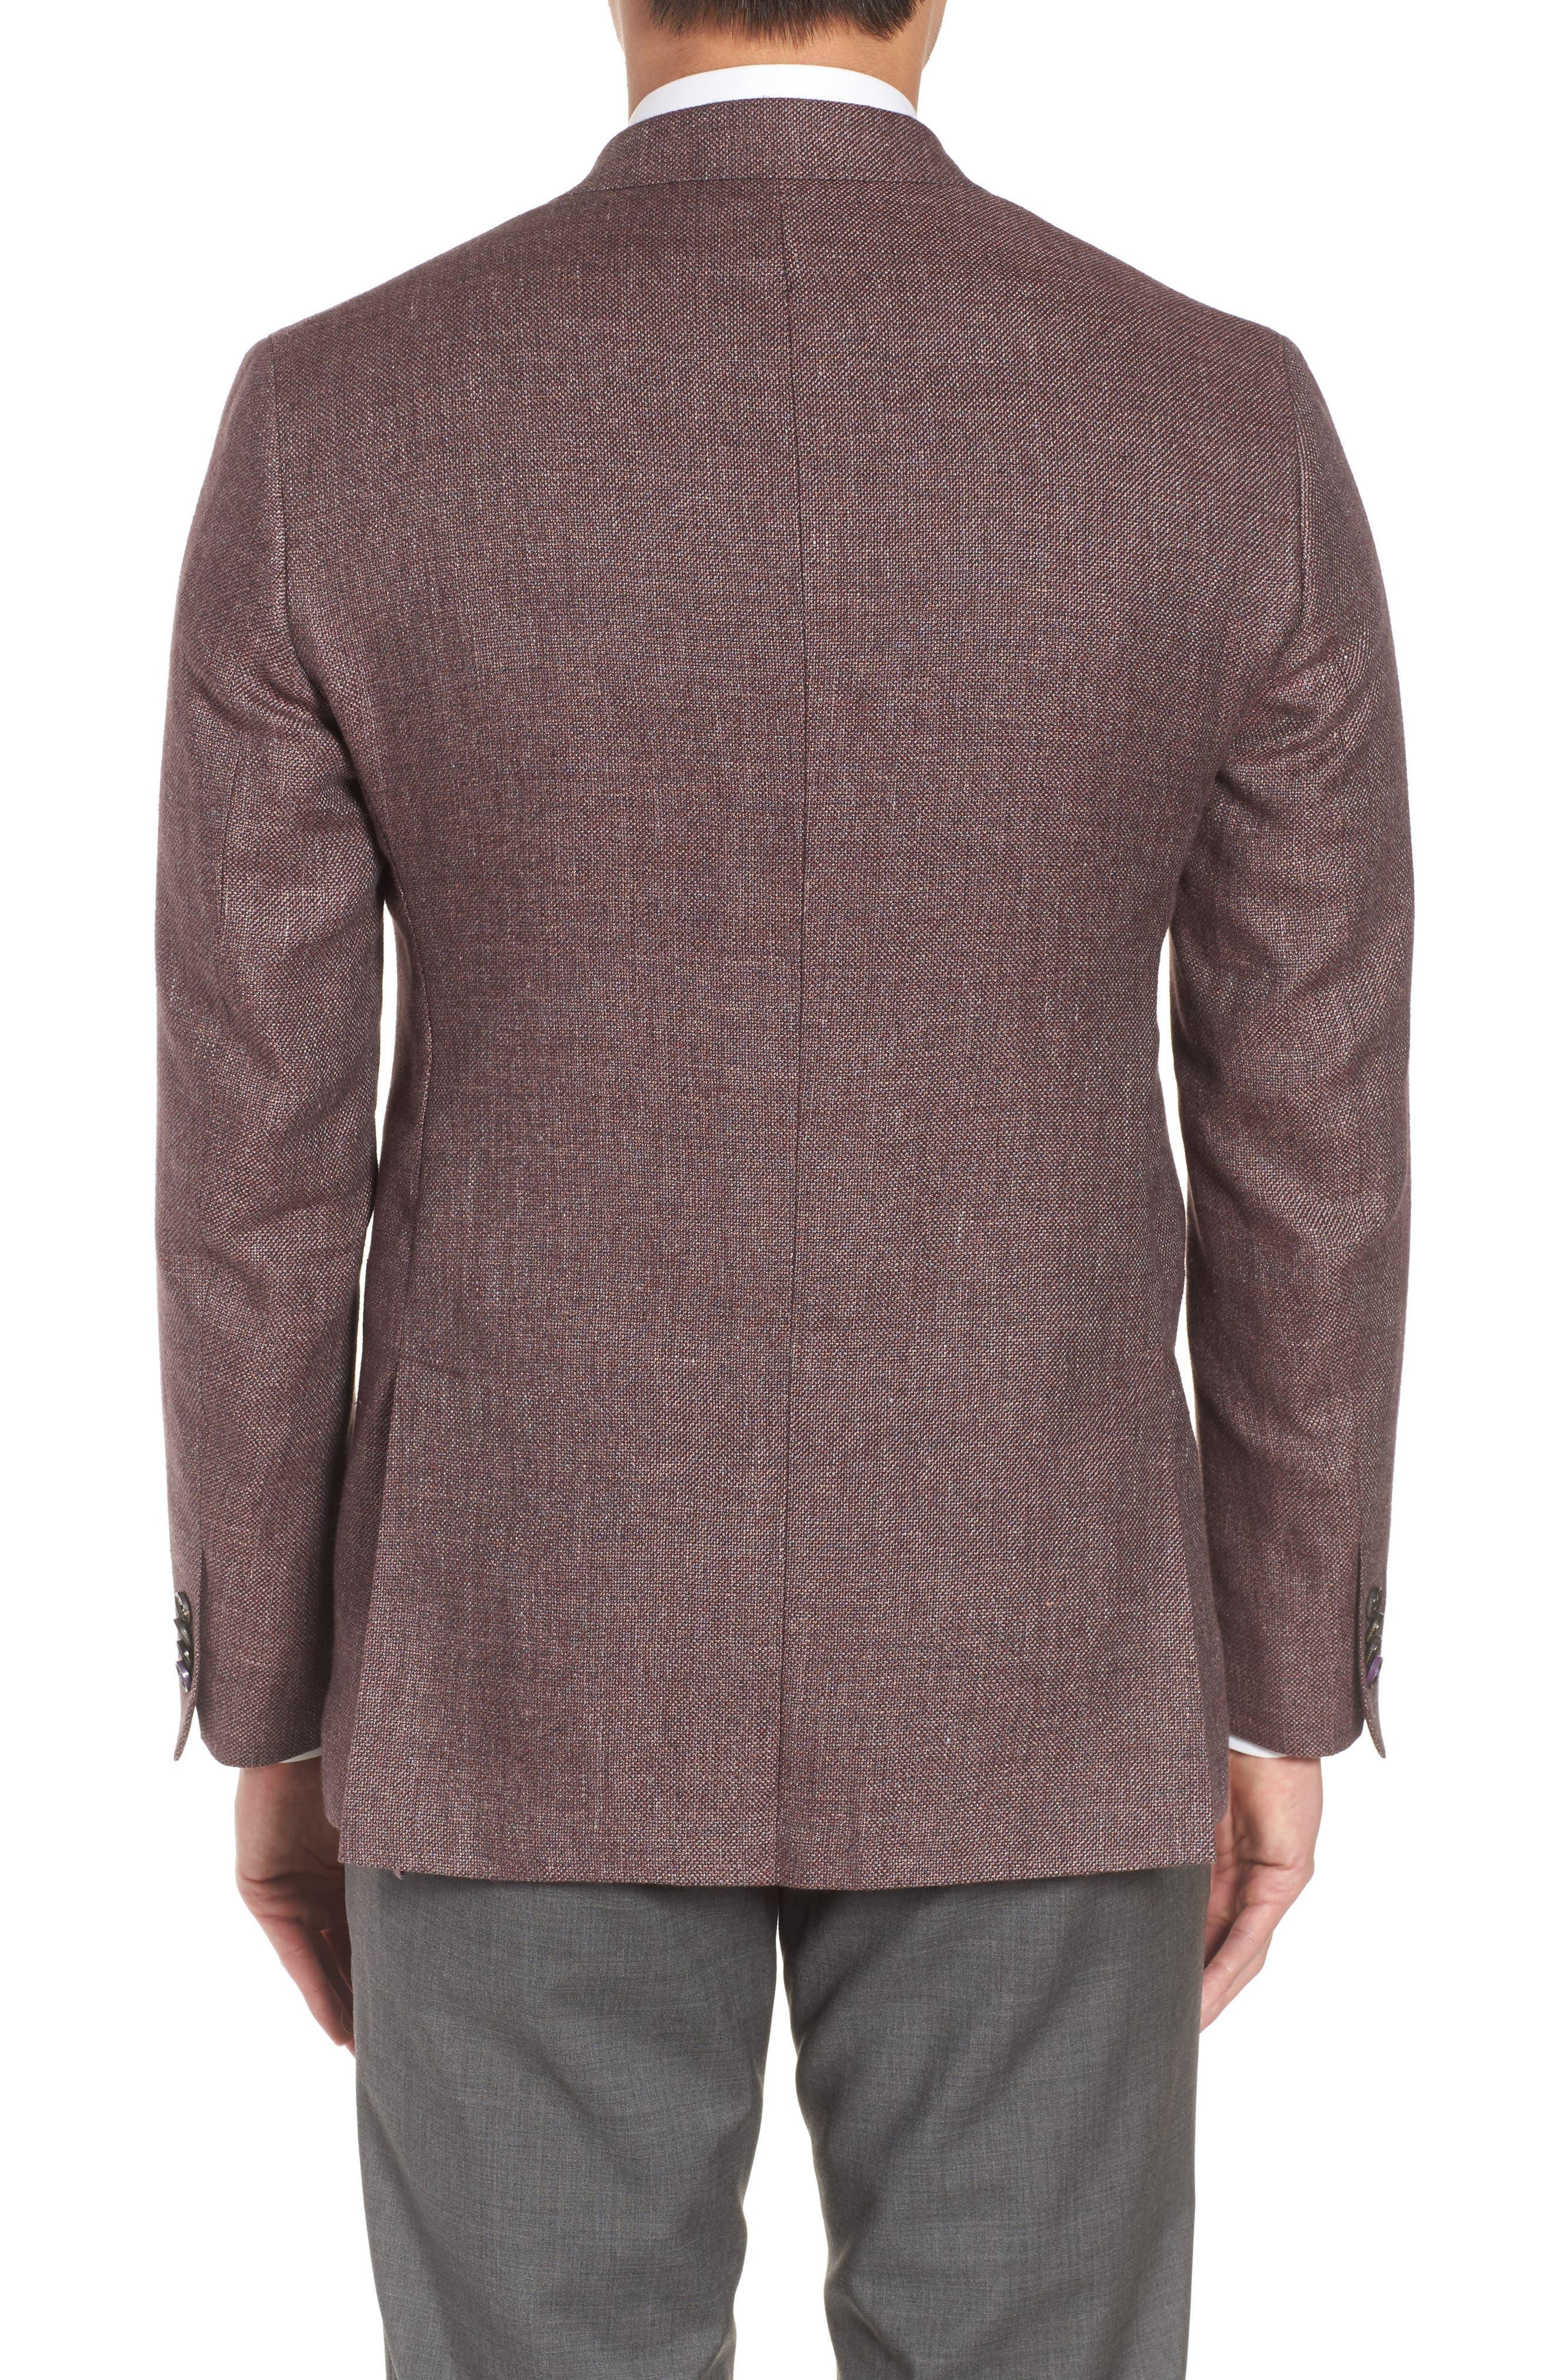 Kyle Trim Fit Linen & Wool Blazer,                             Alternate thumbnail 2, color,